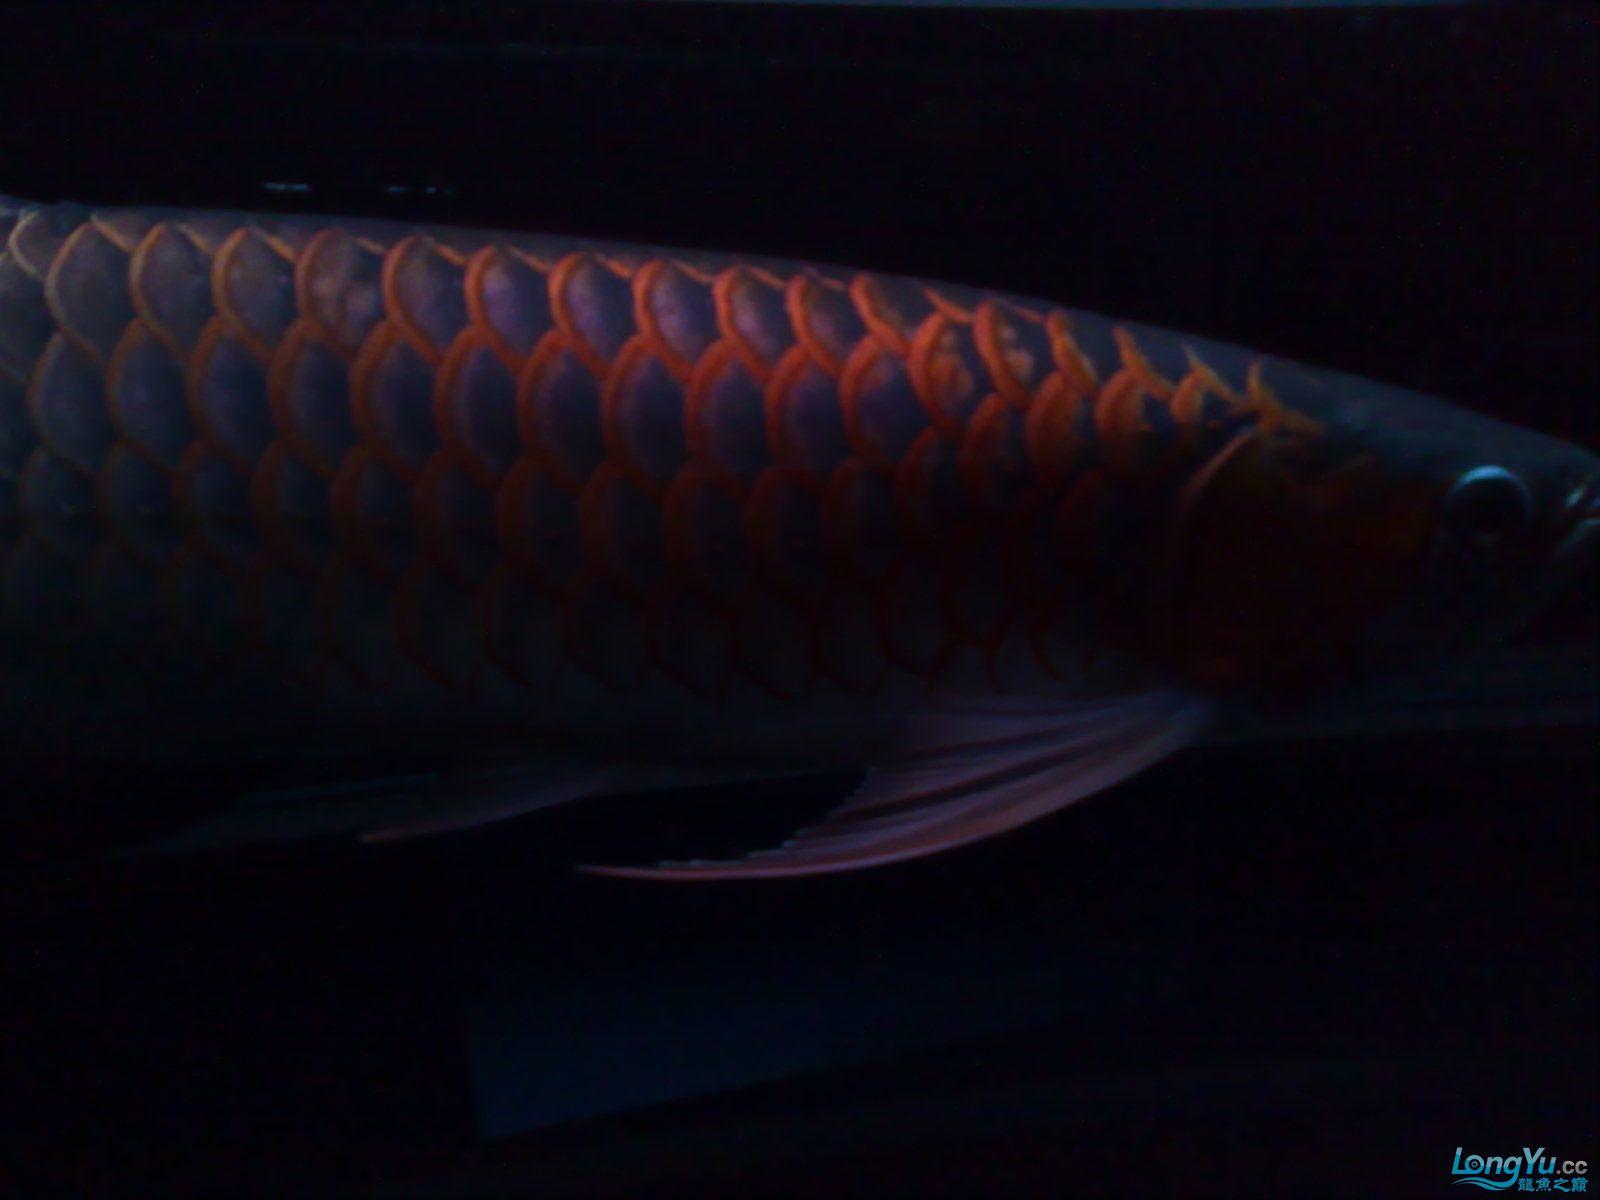 非常美丽的红龙 绵阳龙鱼论坛 绵阳水族批发市场第3张